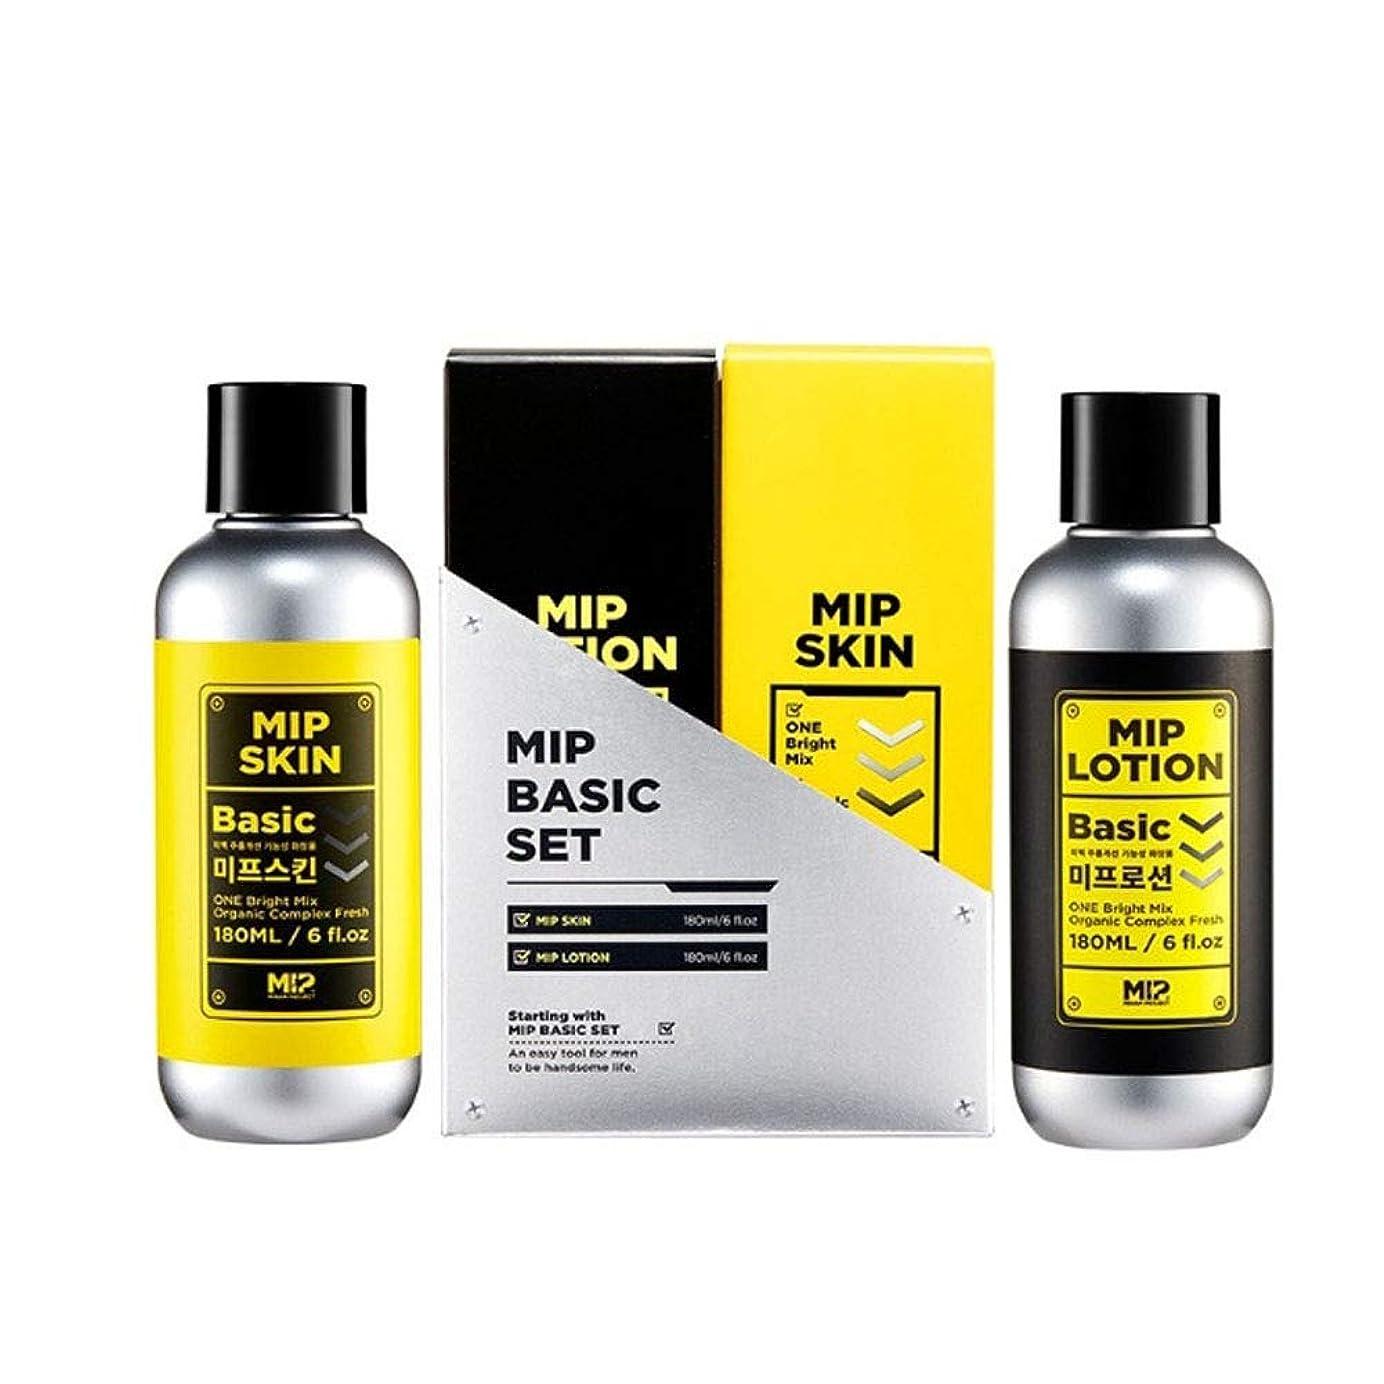 注釈成功スラムミップスキン180mlローション180mlセットメンズコスメ韓国コスメ、Mip Skin 180ml Lotion 180ml Set Men's Cosmetics Korean Cosmetics [並行輸入品]